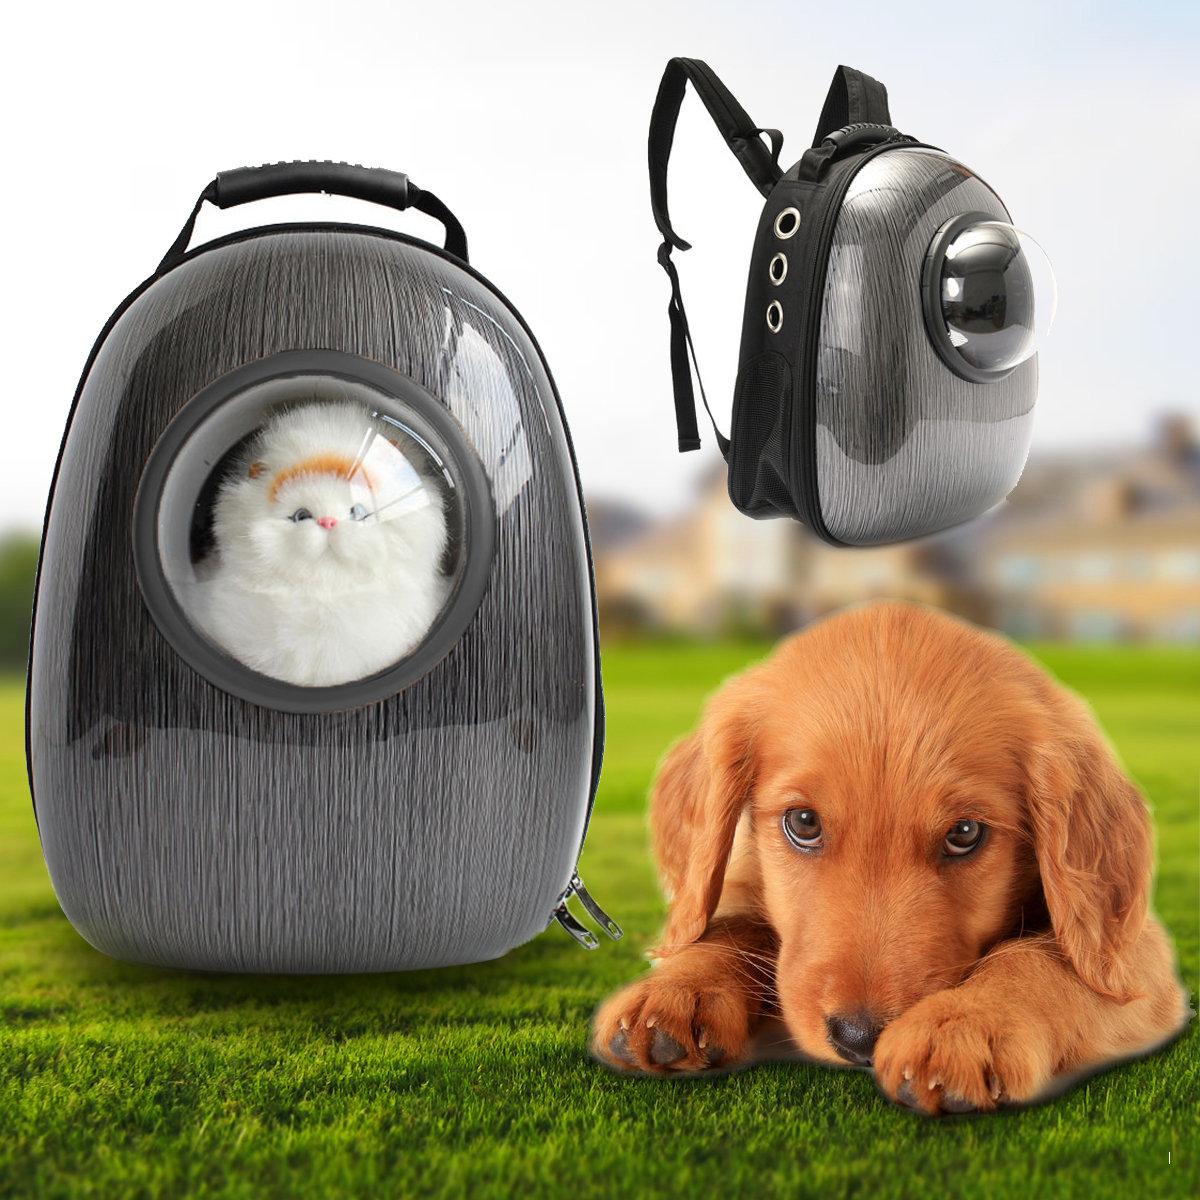 Breathable Transparent Astronaut Pet Backpack Dog Cat Travel Carrier Backpack Bag